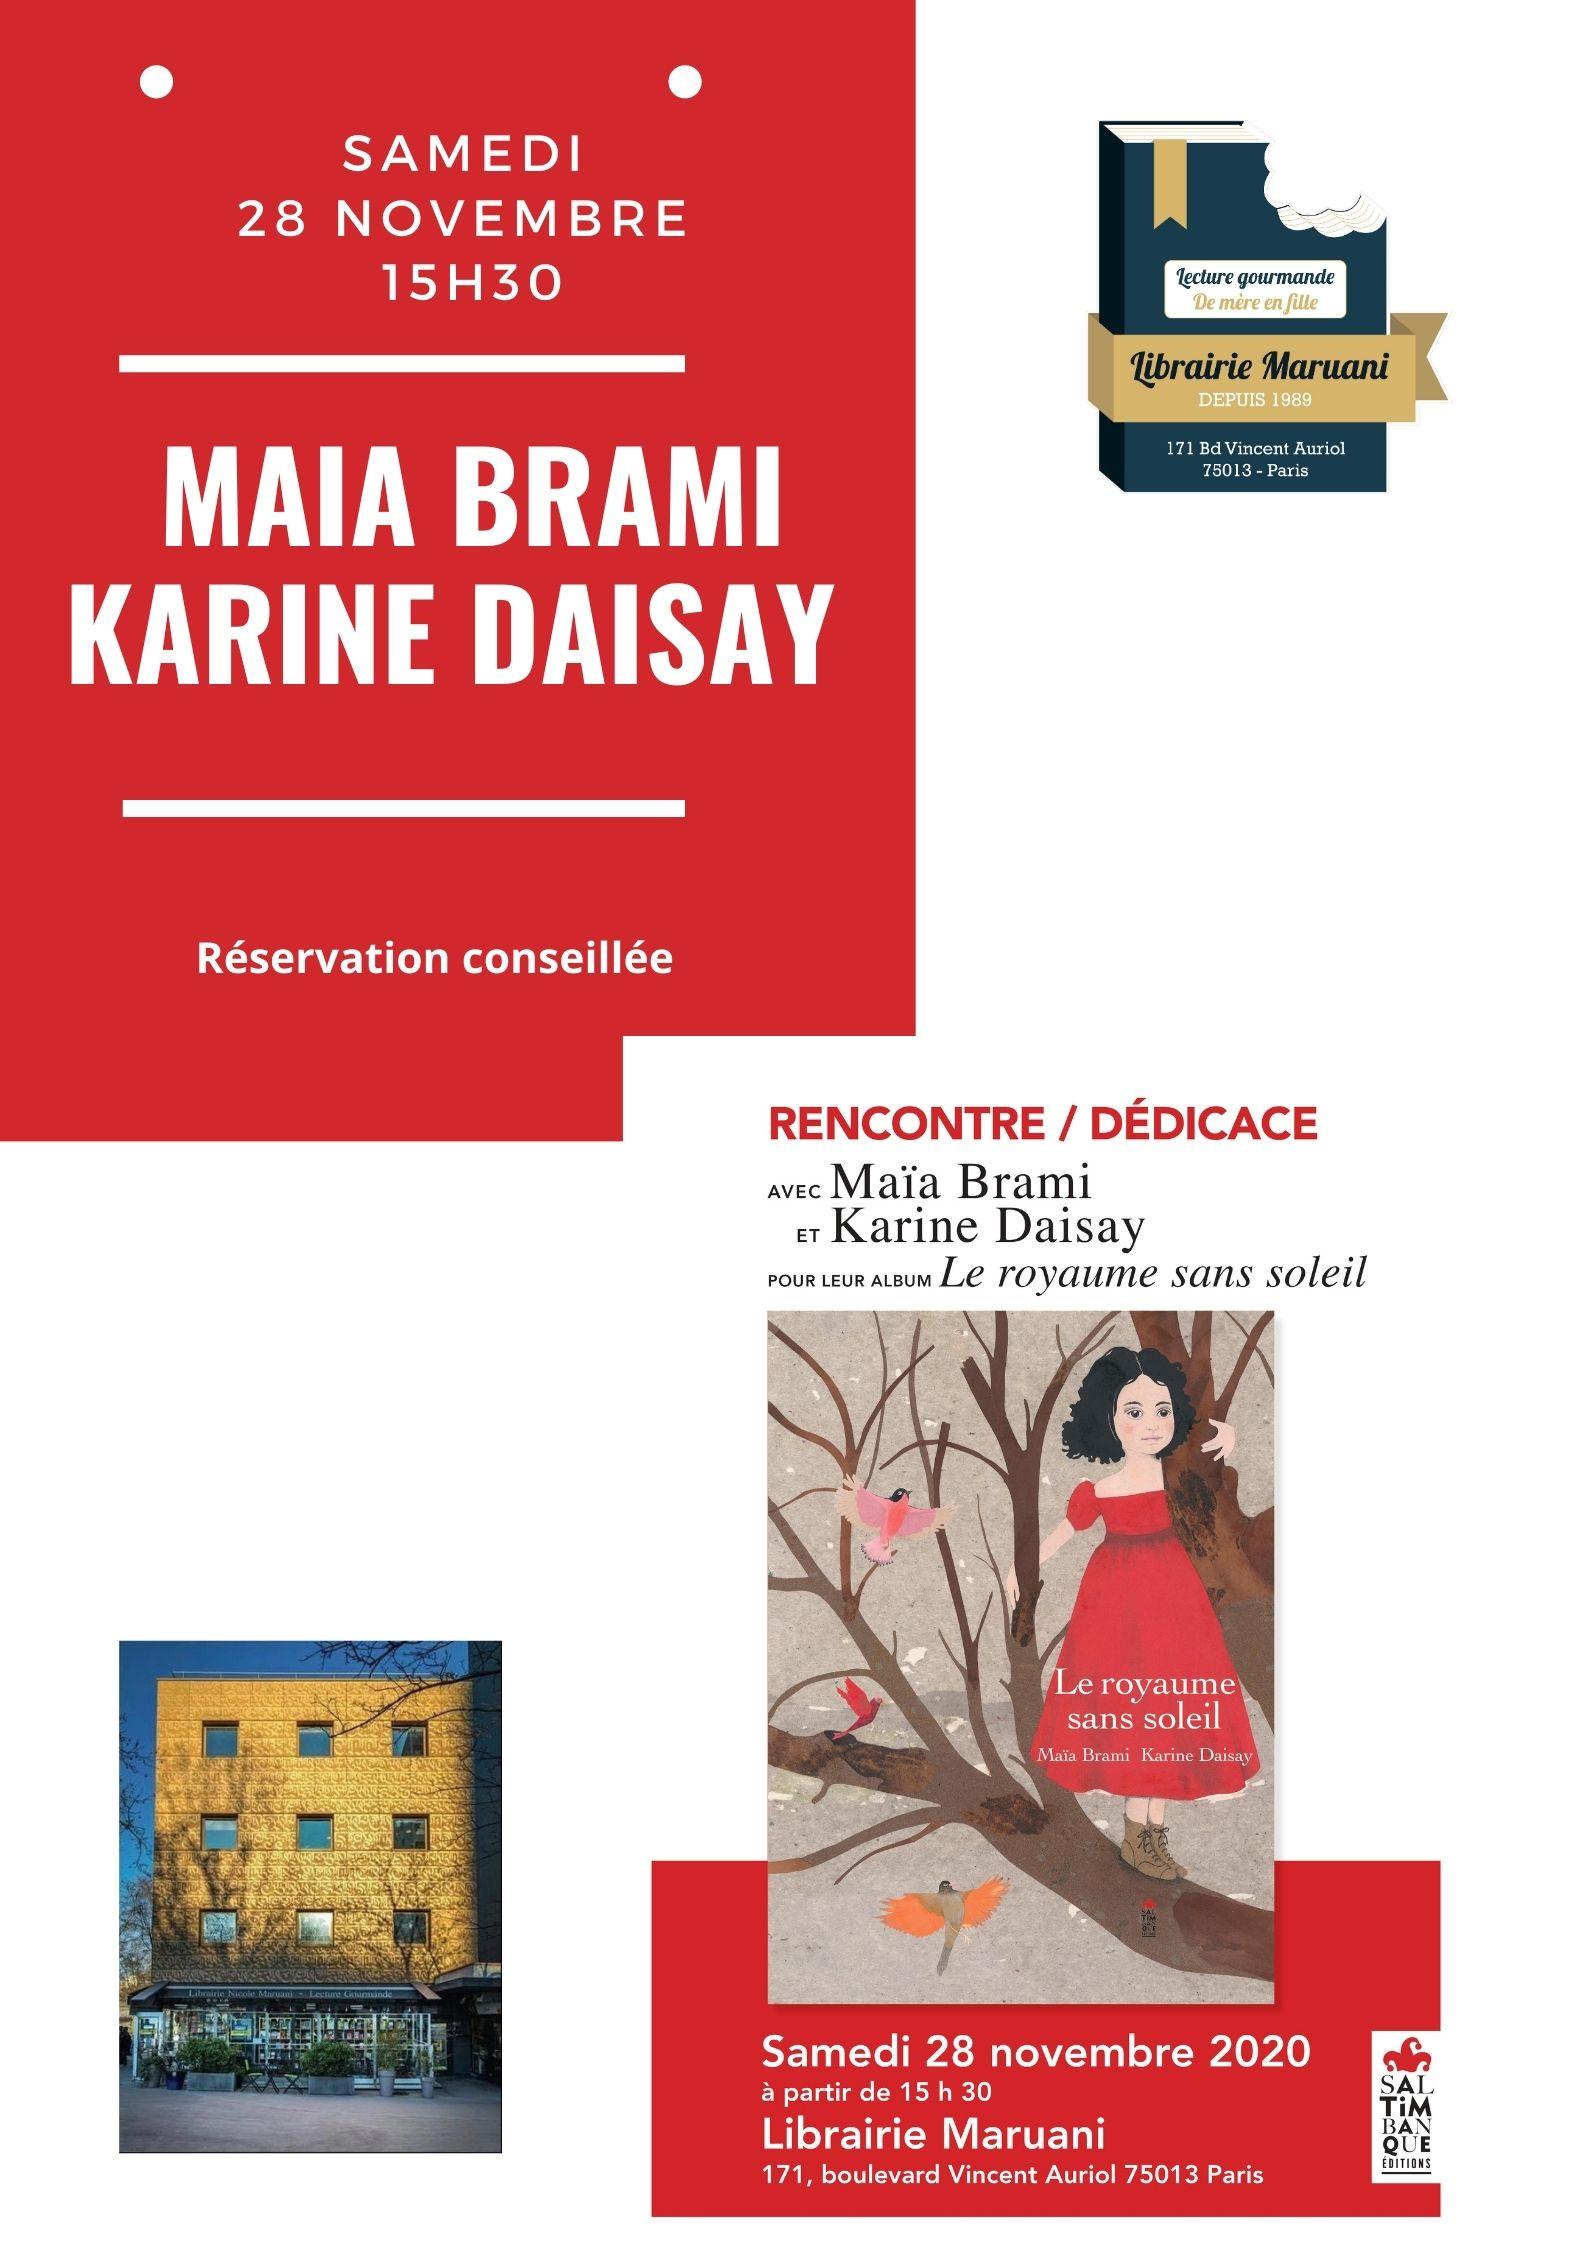 Rencontre Maïa Brami et Karine Daisay